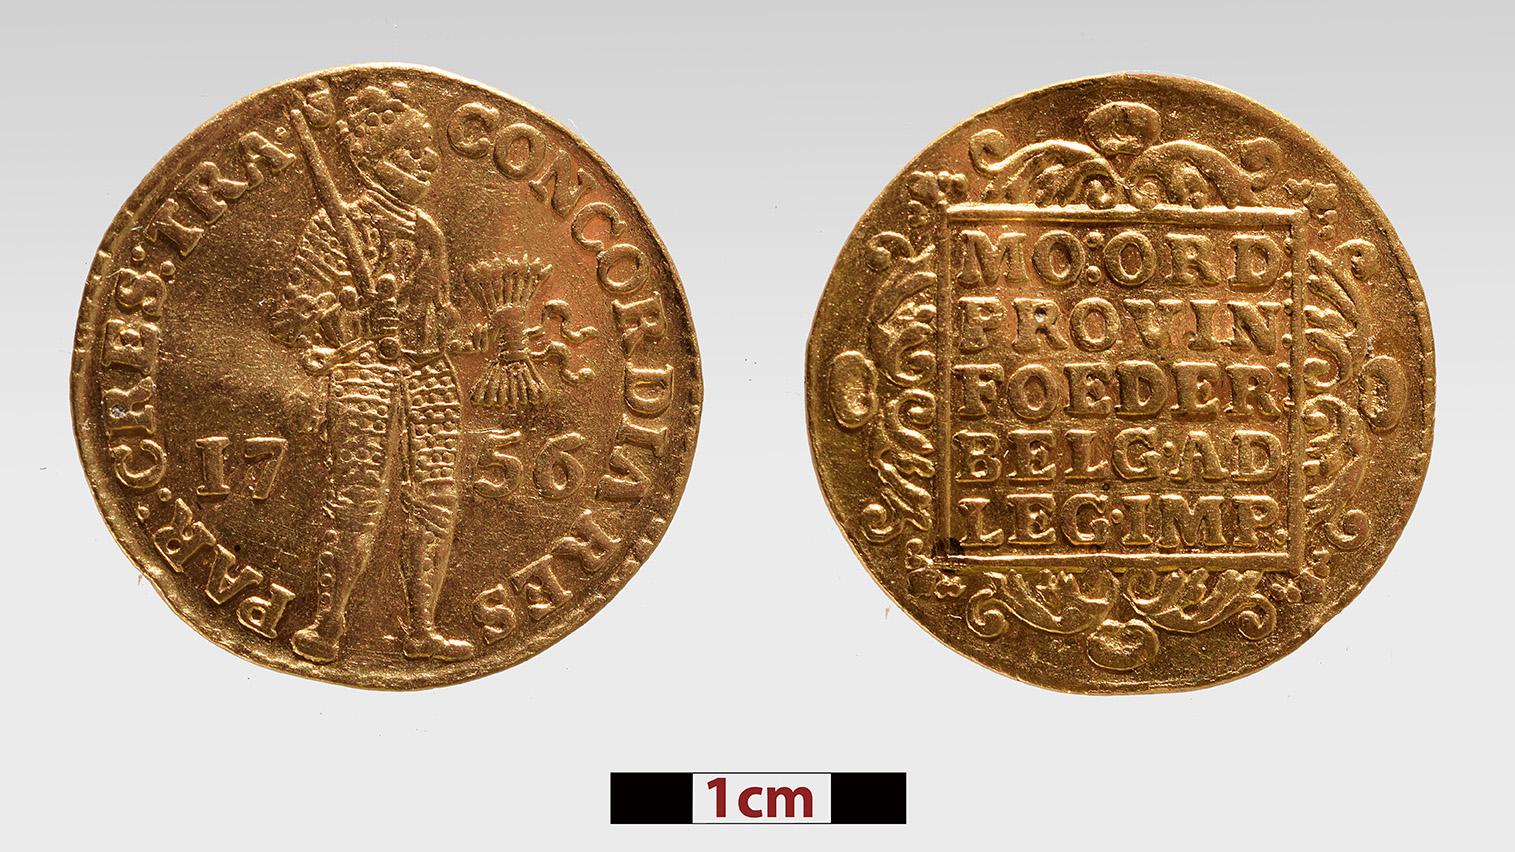 Les artefacts récupérés du naufrage du Mentor par les fouilles du gouvernement grec comprennent plusieurs pièces de bijoux en or et des pièces d'or, comme cette pièce espagnole de 1756.